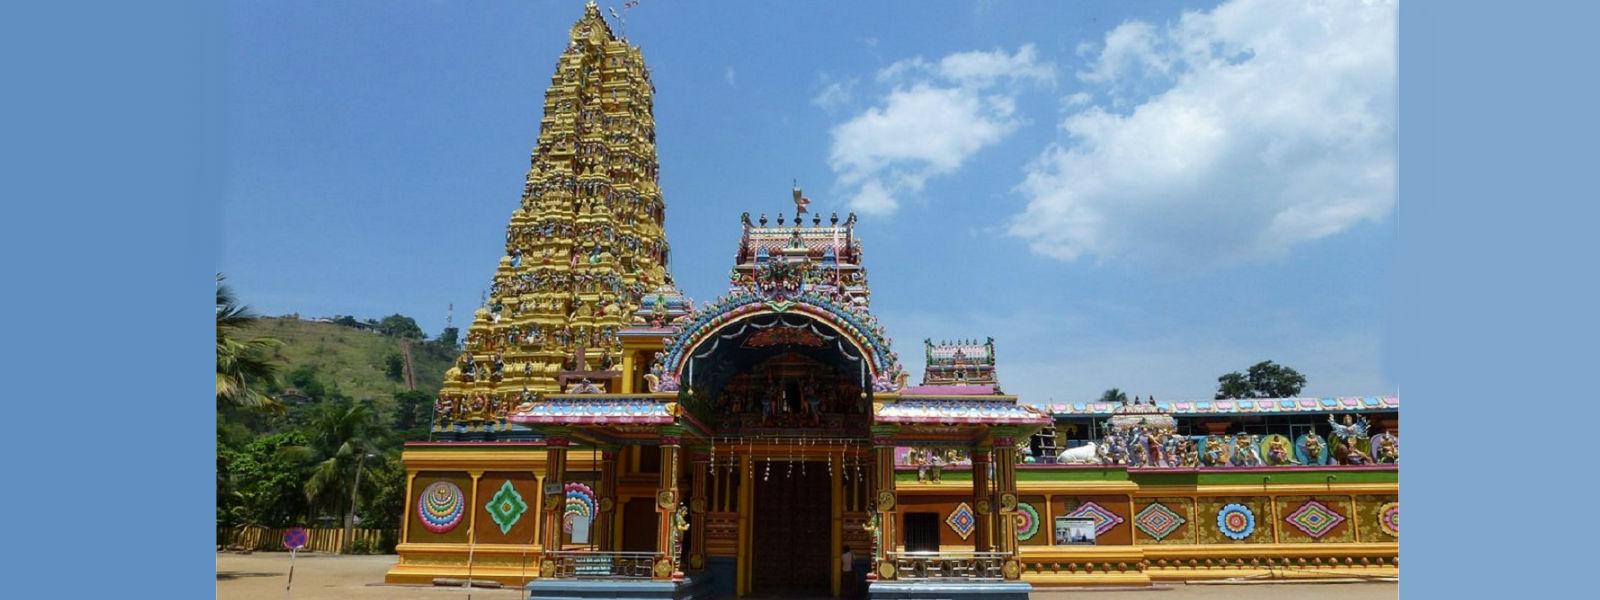 மாத்தளை ஶ்ரீ முத்துமாரியம்மன் ஆலய இரதோற்சவப் பெருவிழா இன்று